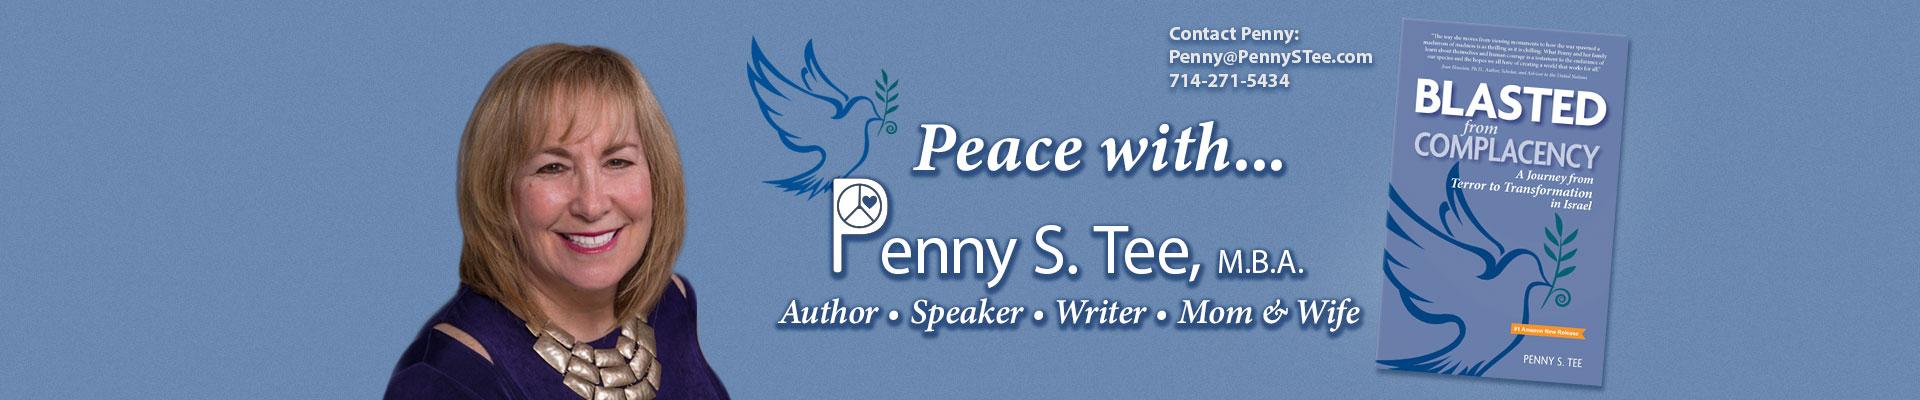 Penny S. Tee, Author, Speaker, Writer